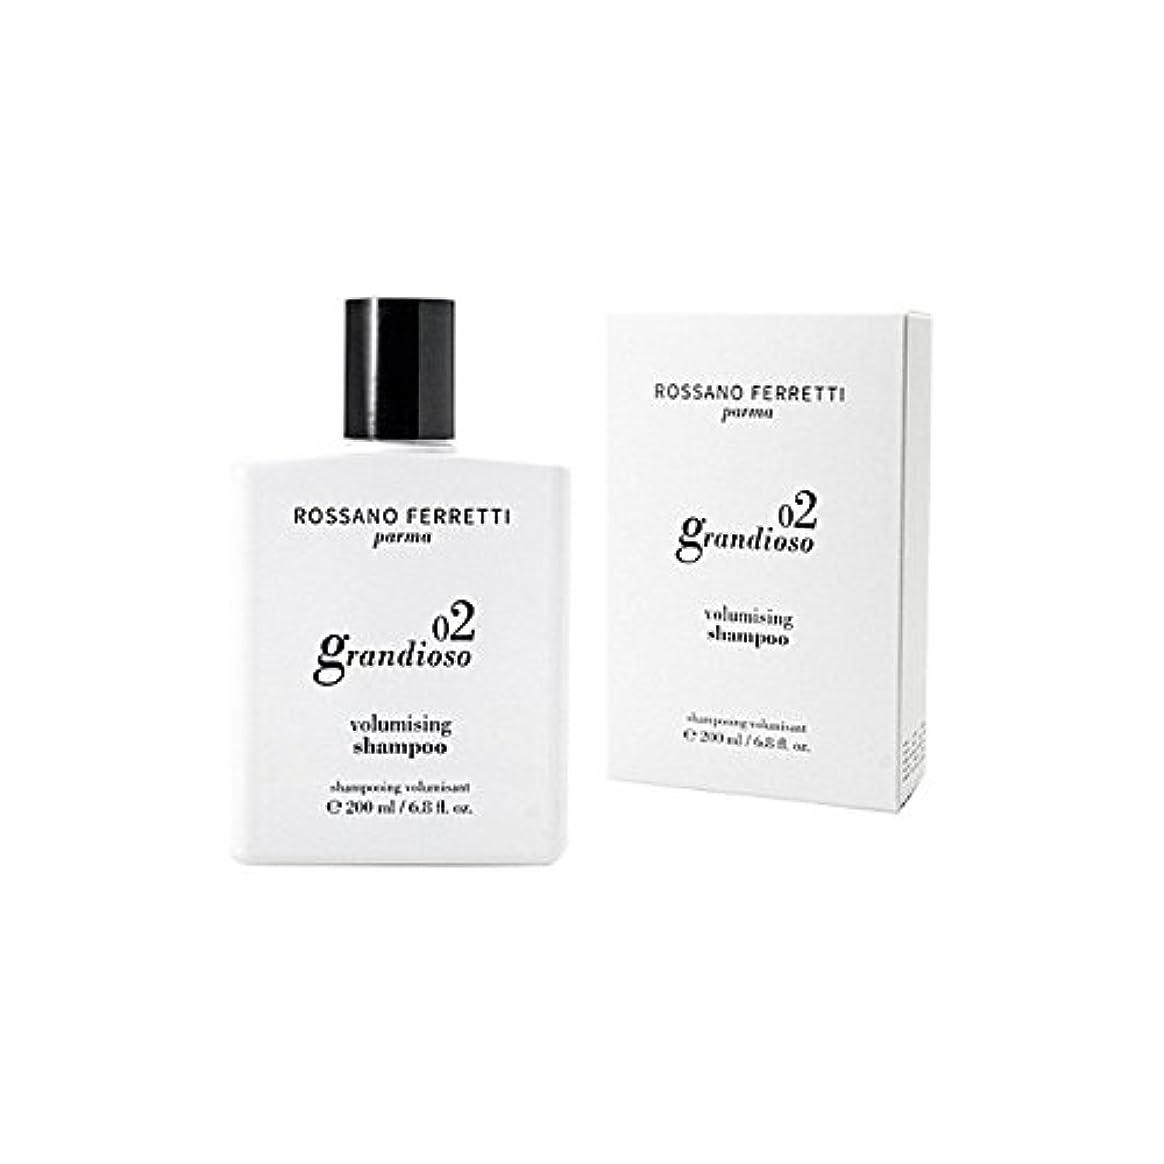 ダウンタウン今晩シャワーロッサノフェレッティパルマ シャンプー200ミリリットル x4 - Rossano Ferretti Parma Grandioso Volumising Shampoo 200ml (Pack of 4) [並行輸入品]